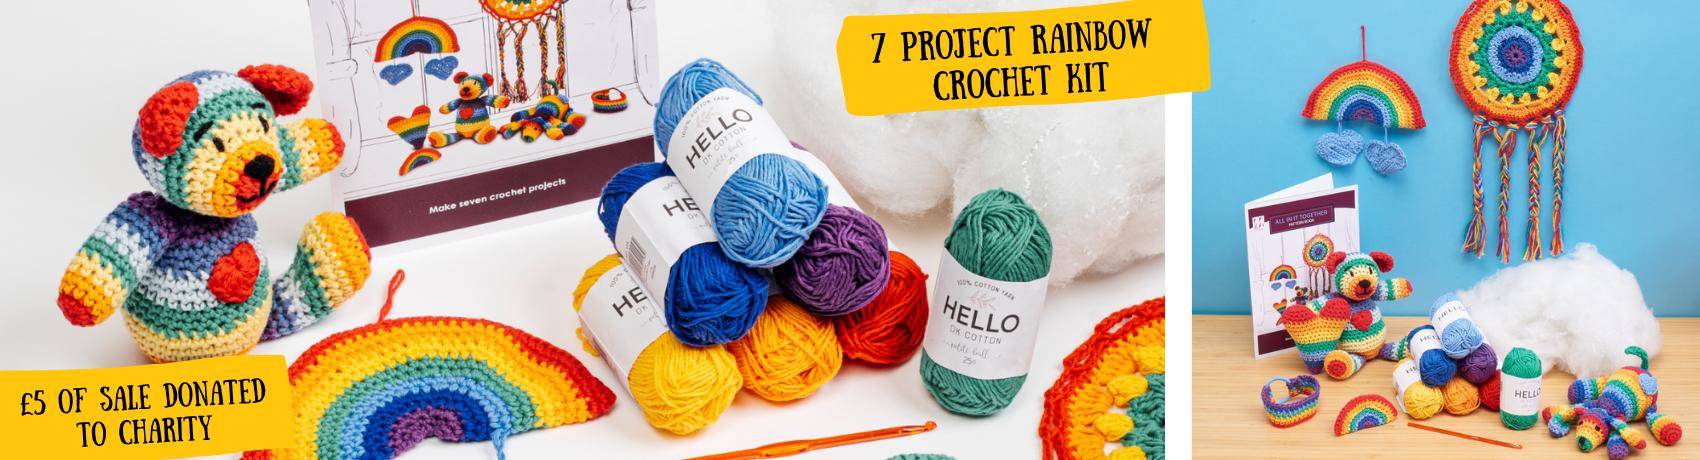 Rainbow Crochet Kit